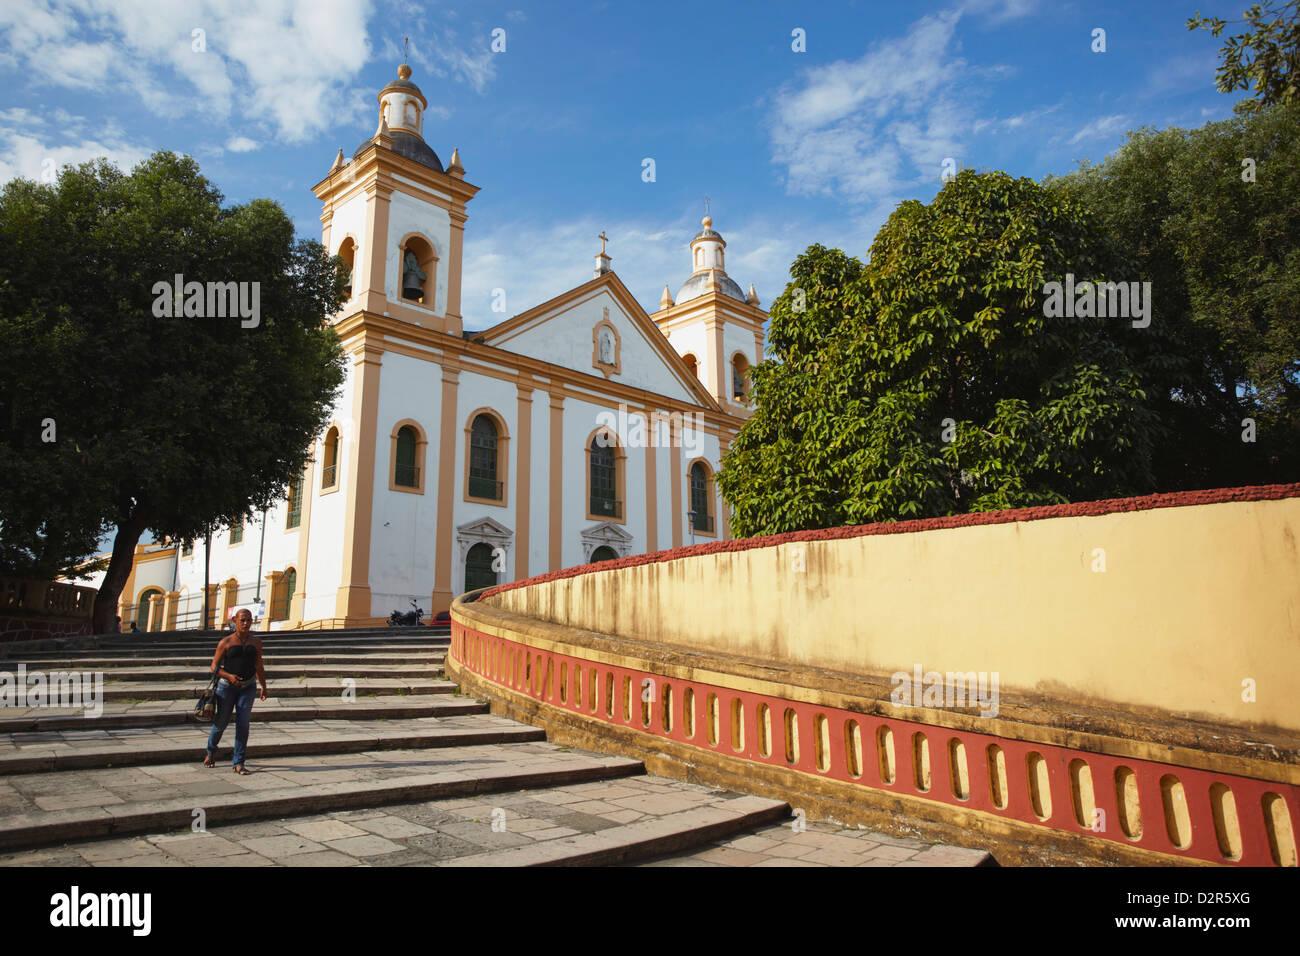 Metropolitan Cathedral of Our Lady of Conceicao, Manaus, Amazonas, Brasilien, Südamerika Stockbild